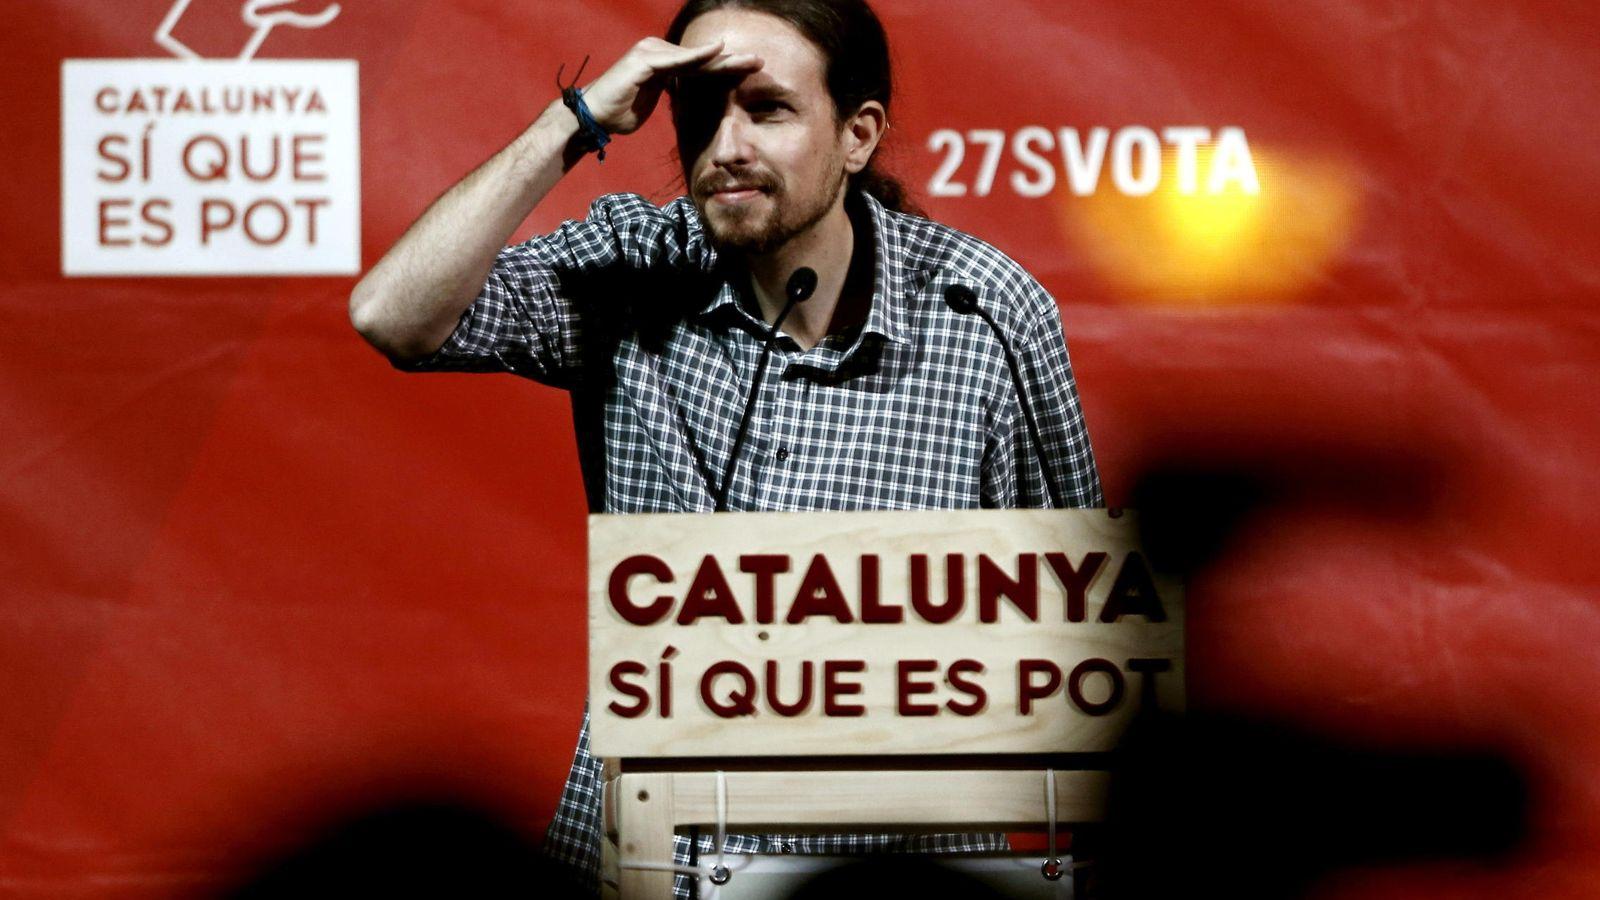 Foto: El secretario general de Podemos, Pablo Iglesias durante su intervencion en el mitin celebrado en Barcelona. (Efe)